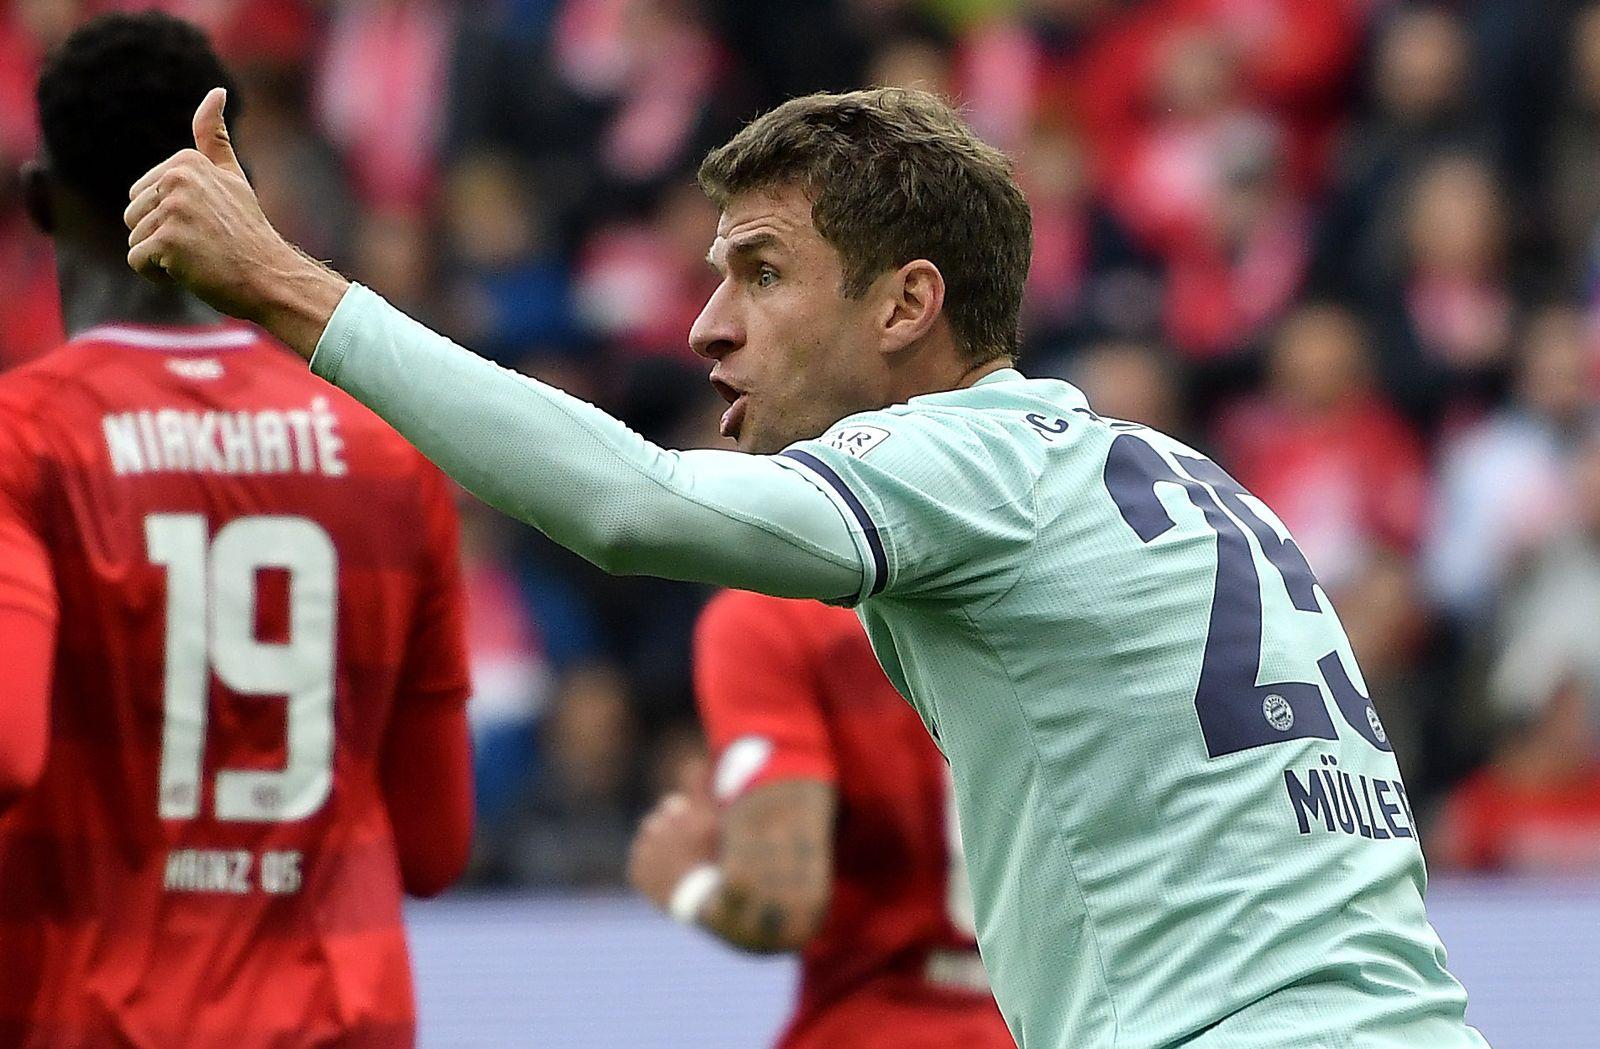 FSV Mainz 05 - Werder Bremen